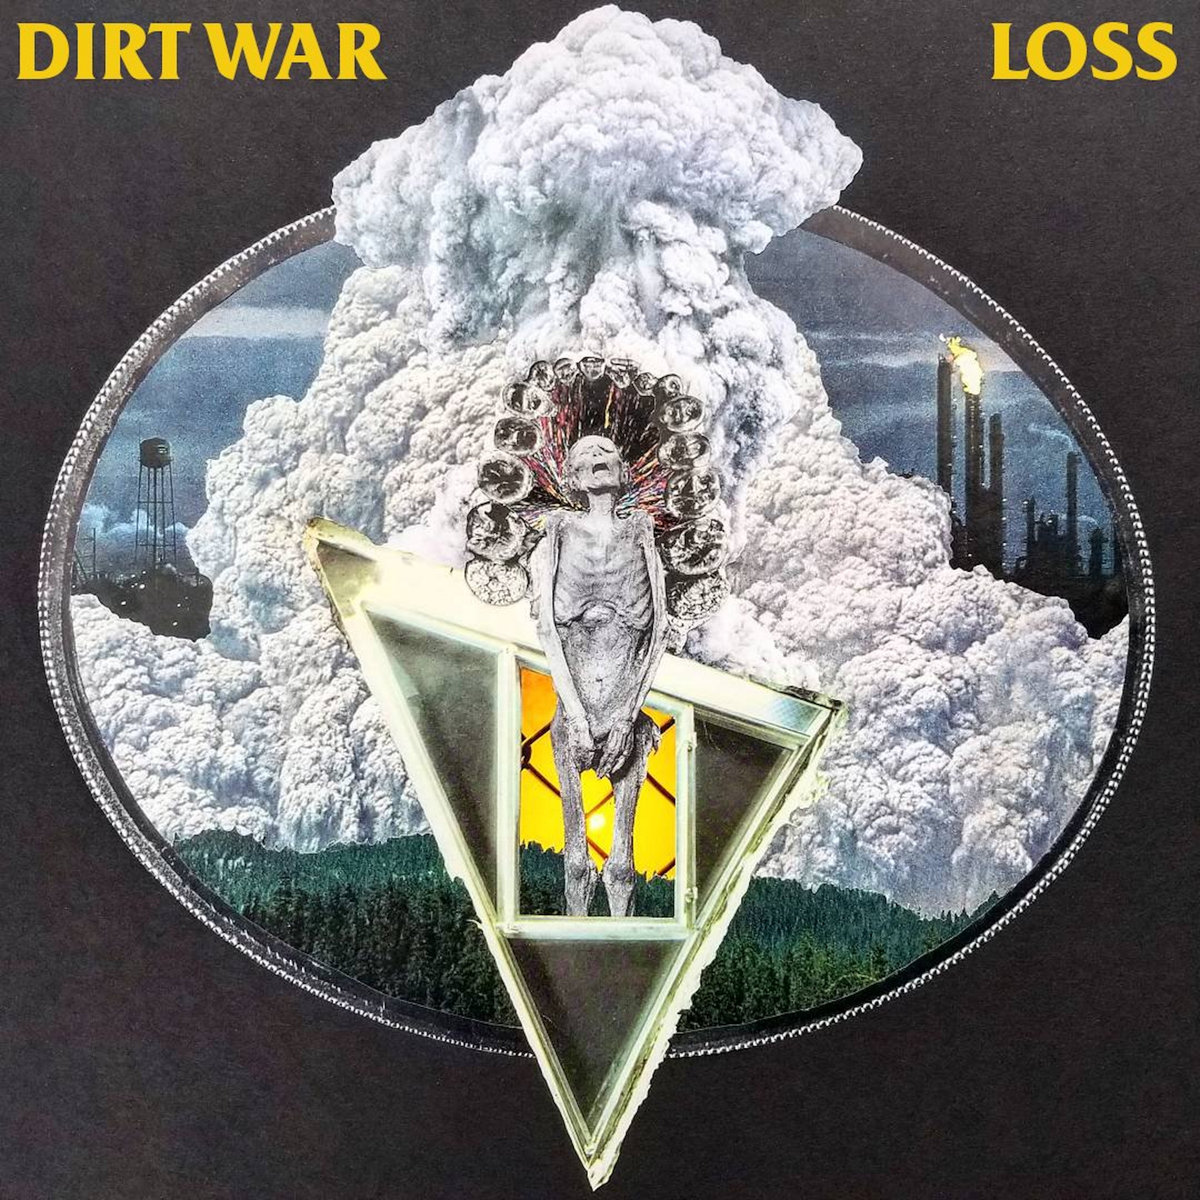 Dirt War - Loss